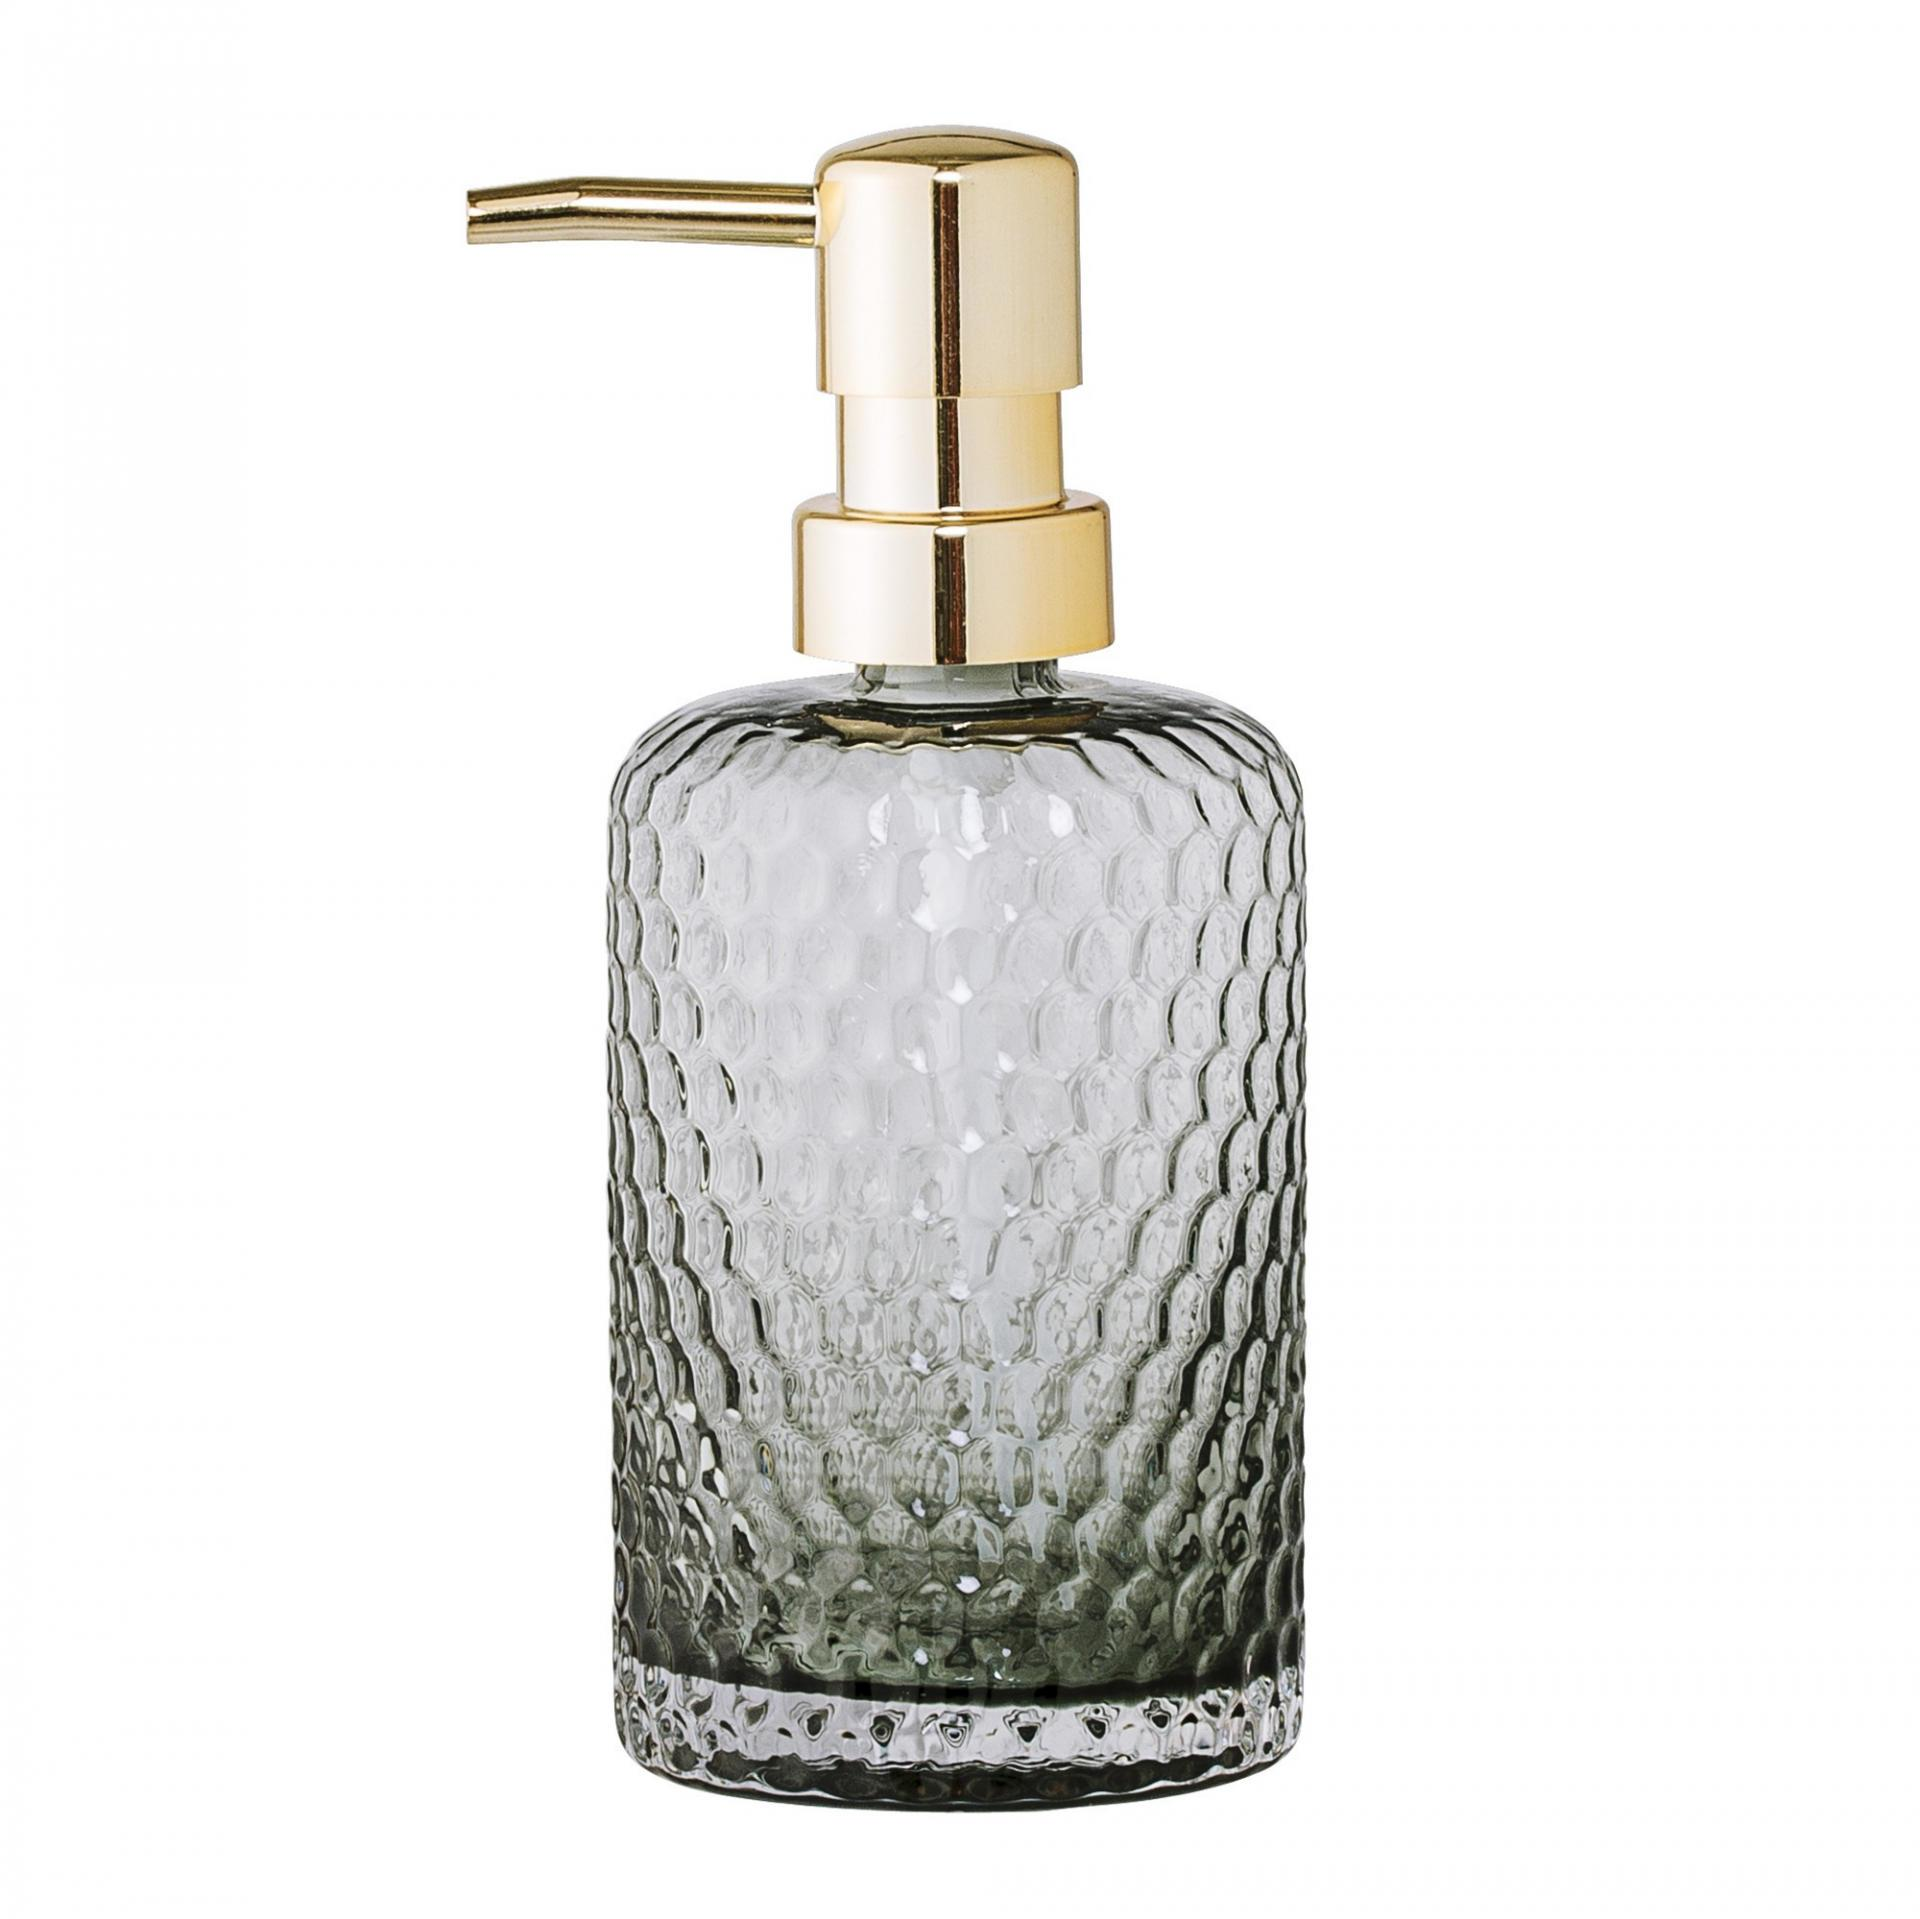 Bloomingville Skleněný zásobník na mýdlo Grey/gold, šedá barva, zlatá barva, sklo